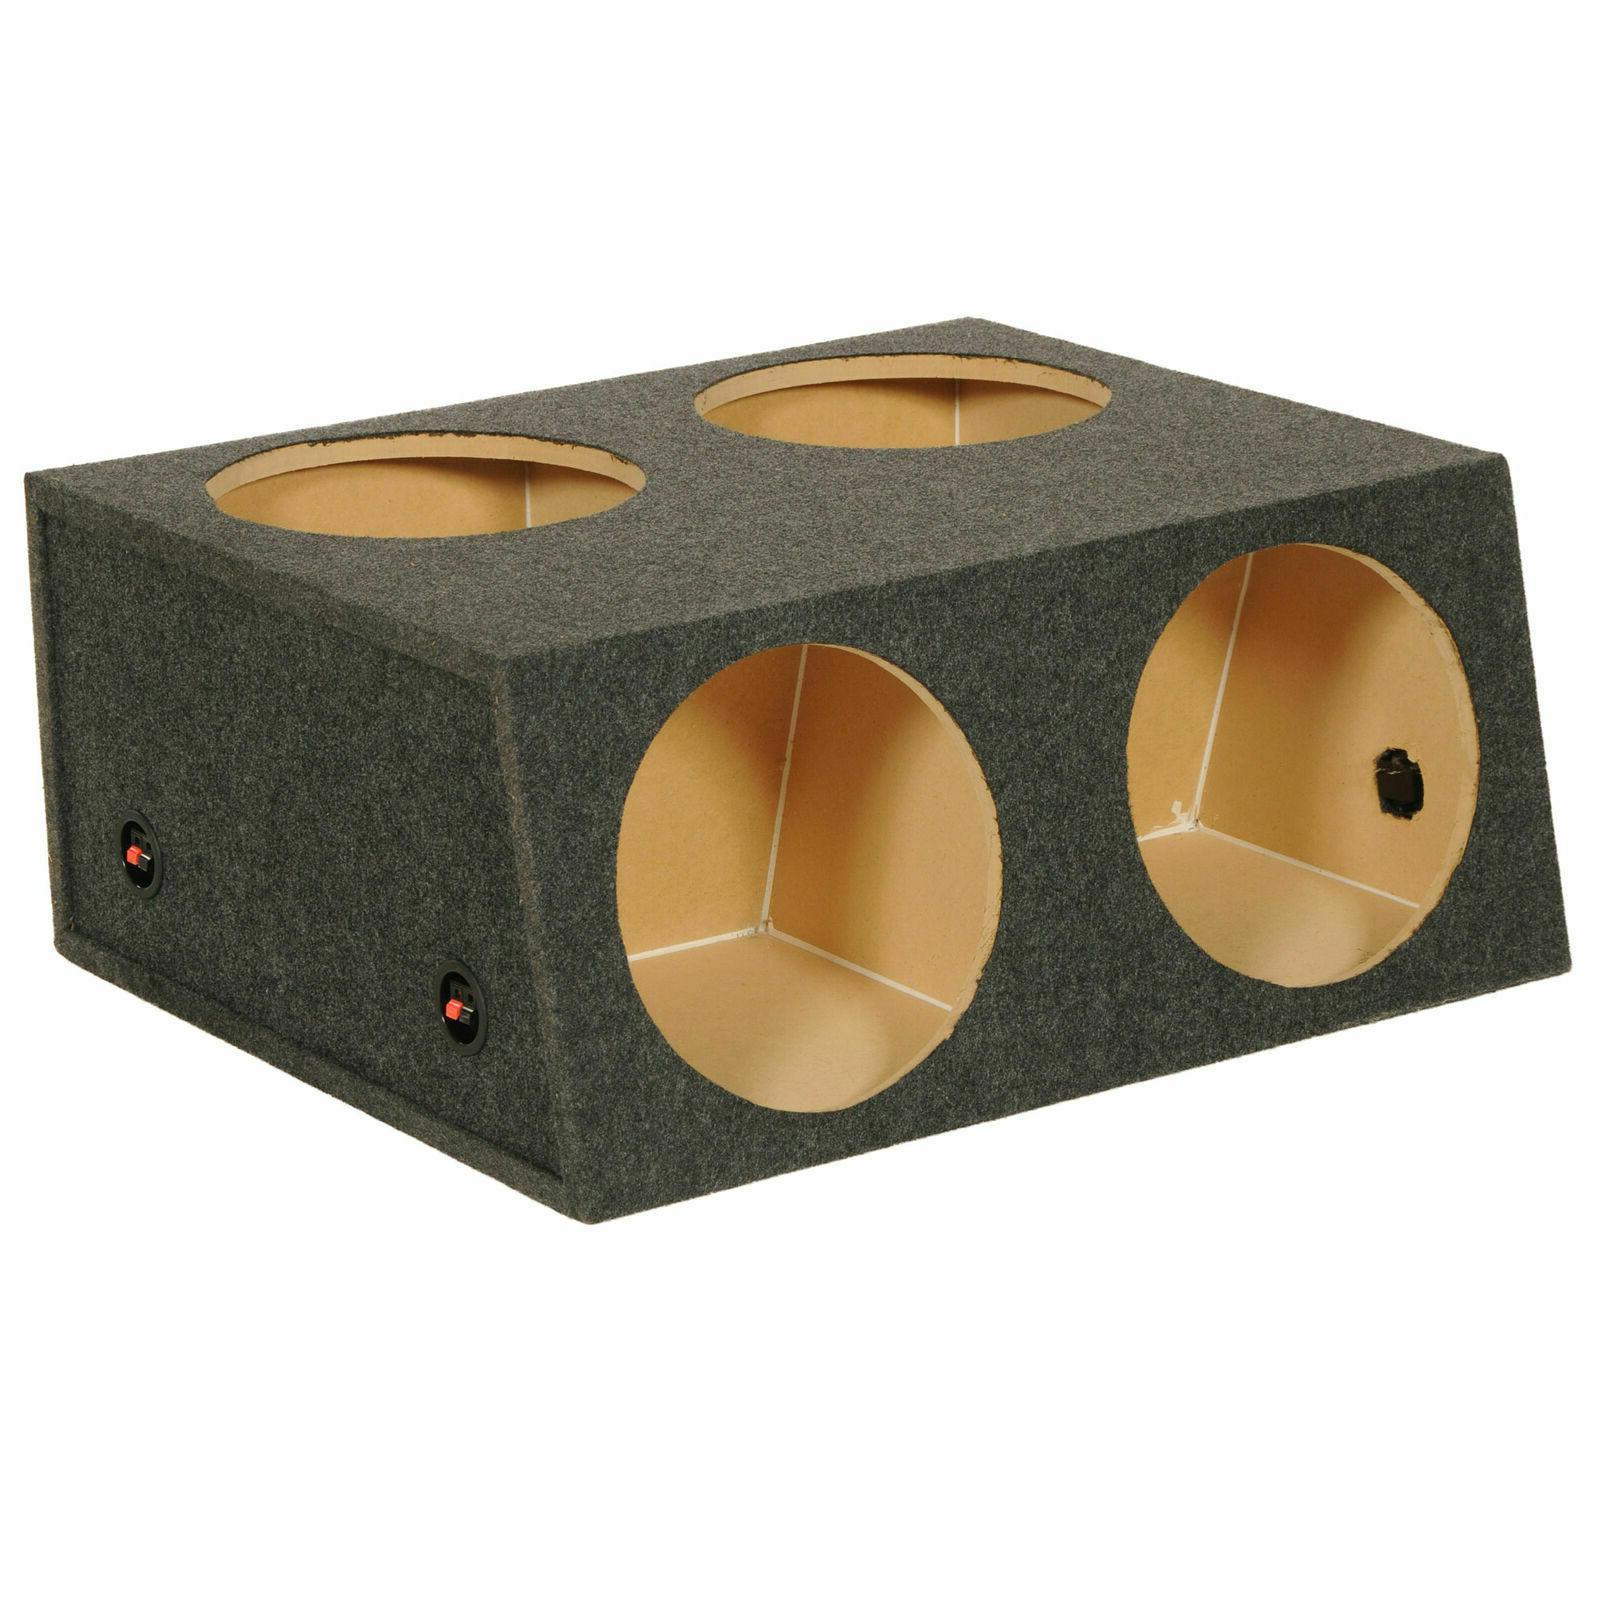 NEW 2 Tone Horn. Security Safety Alarm System Speaker.6-12 V